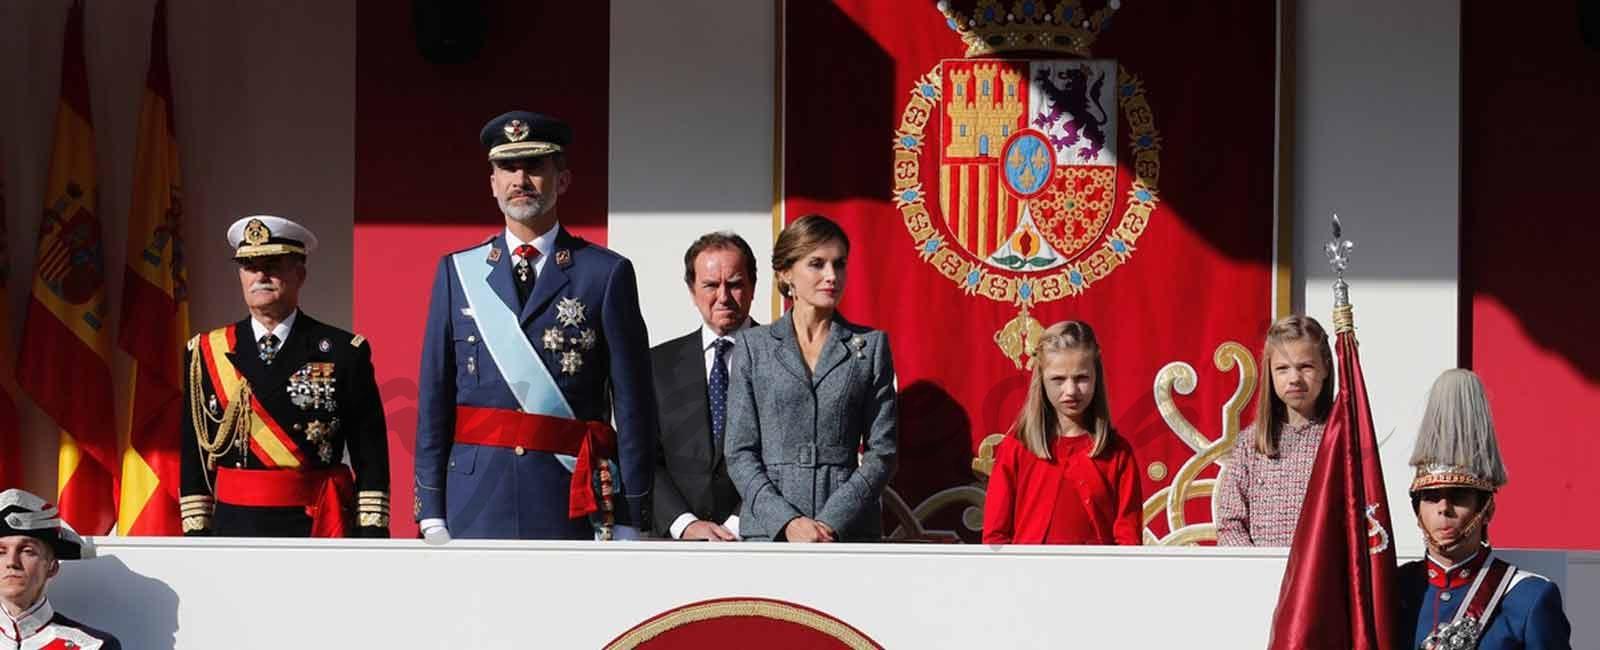 Familia Real Día de la Fiesta Nacional